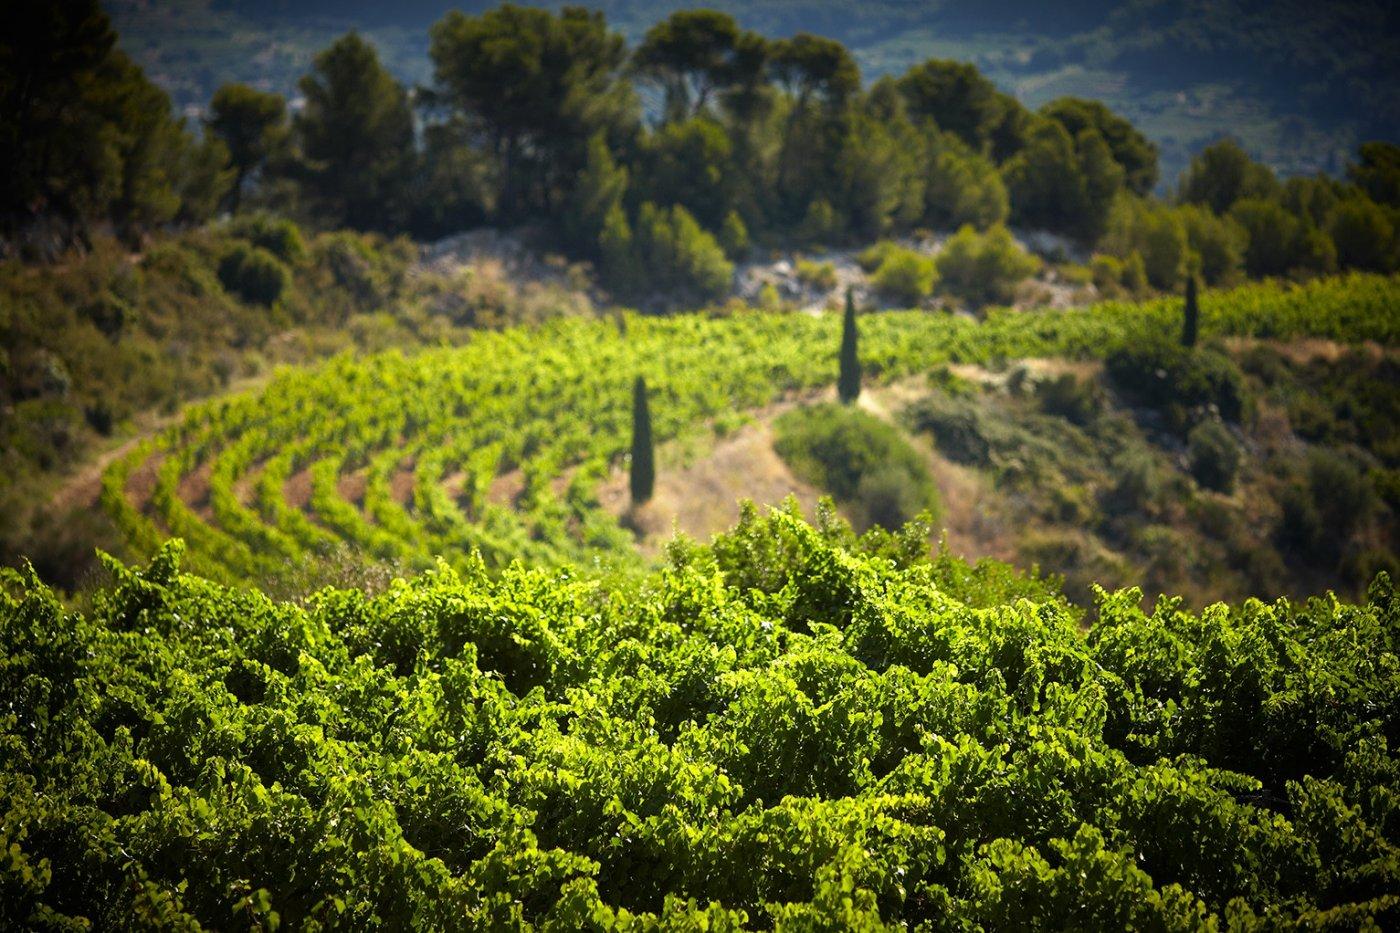 vignes-du-chateau-de-pibarnon-sont-travaillees-de-facon-naturelle